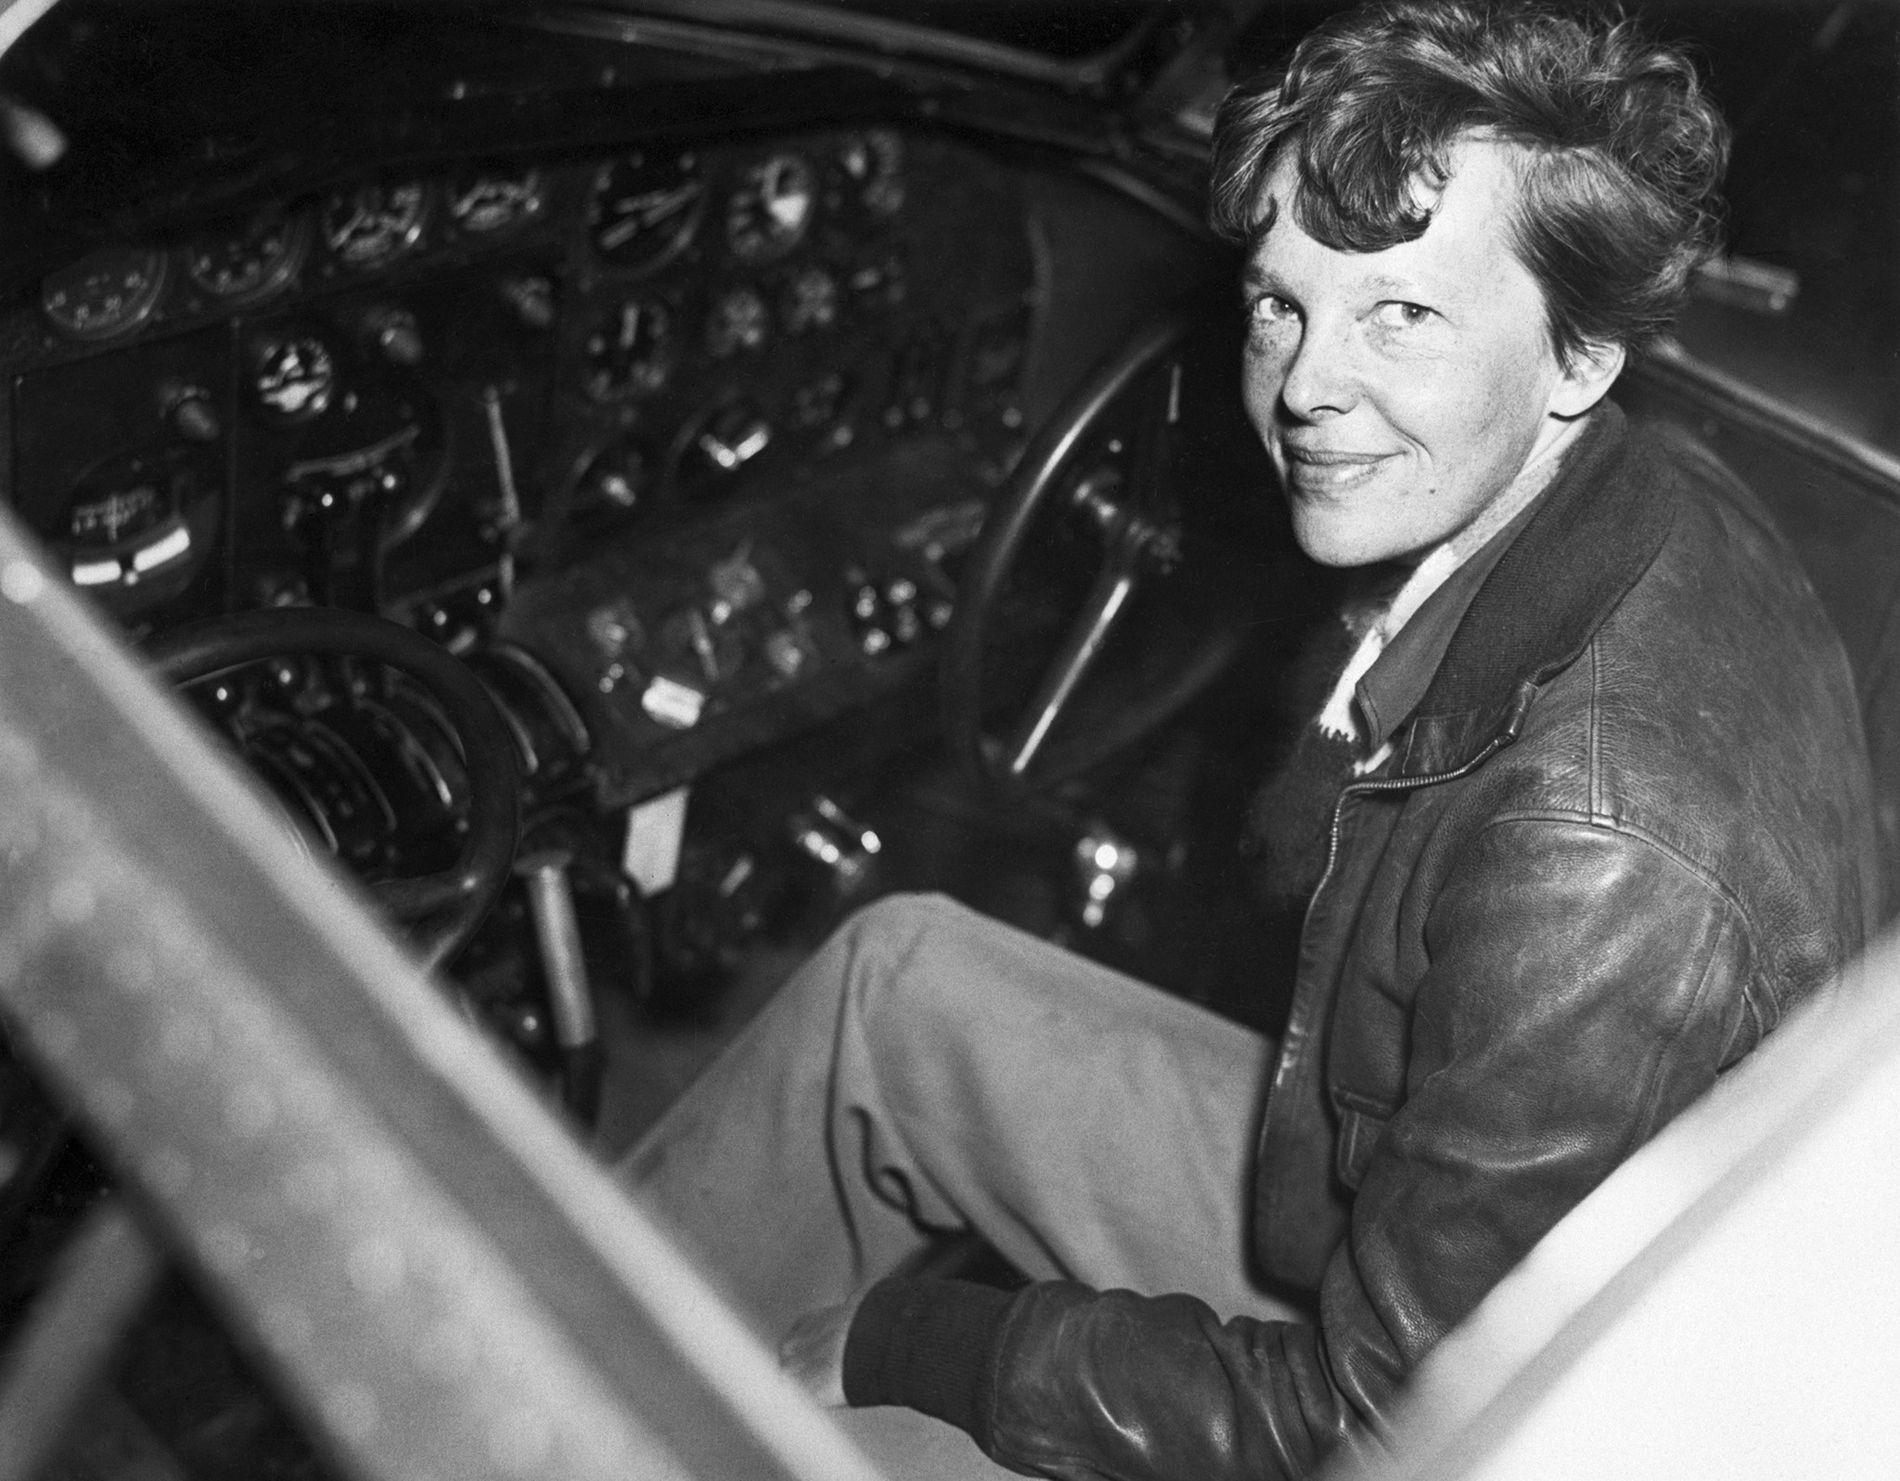 Huesos descubiertos en 1940 podrían haber sido los de Amelia Earhart